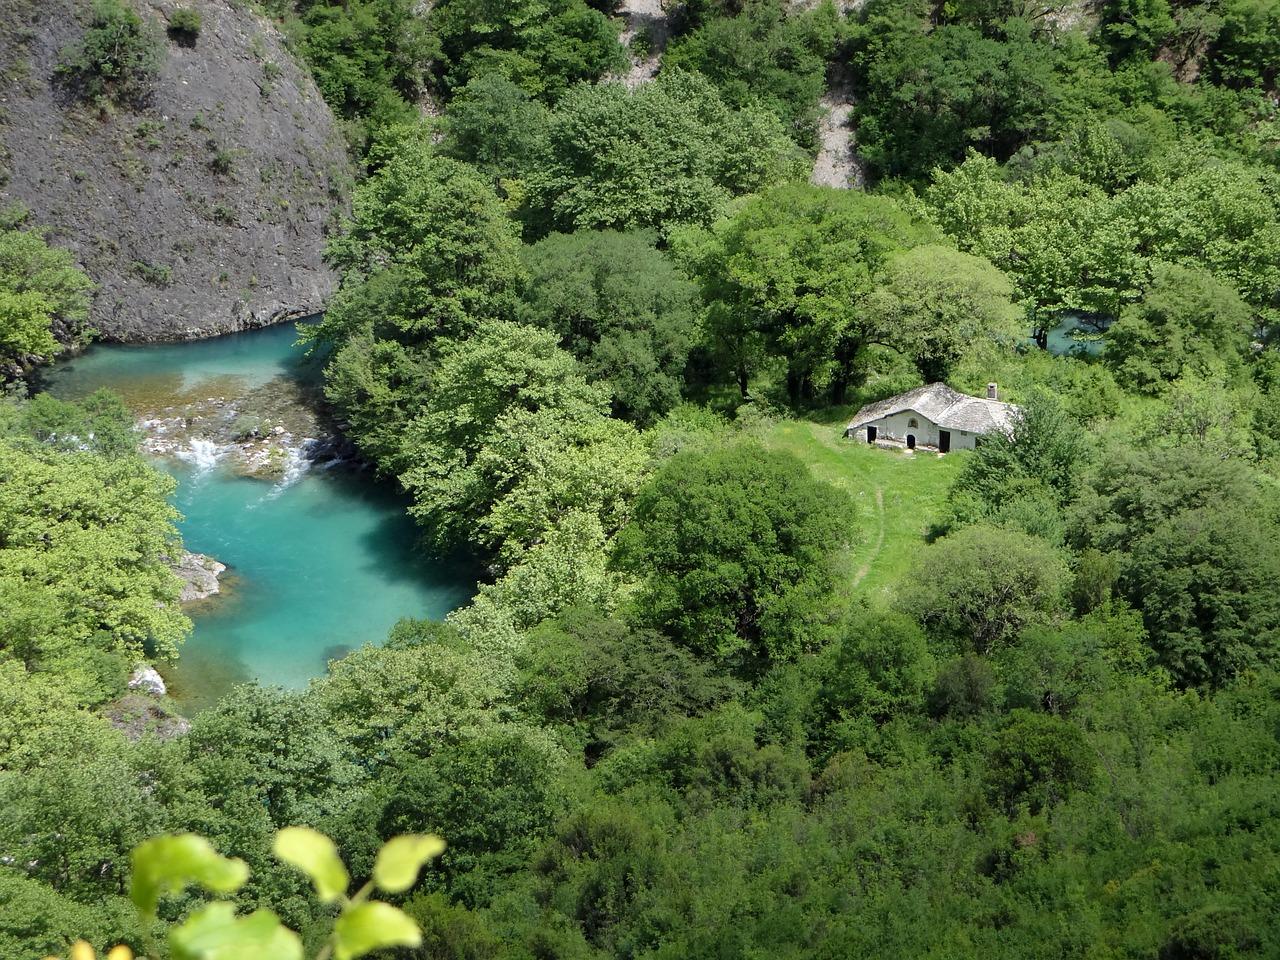 The Vikos Gorge in the Zagori region of Greece